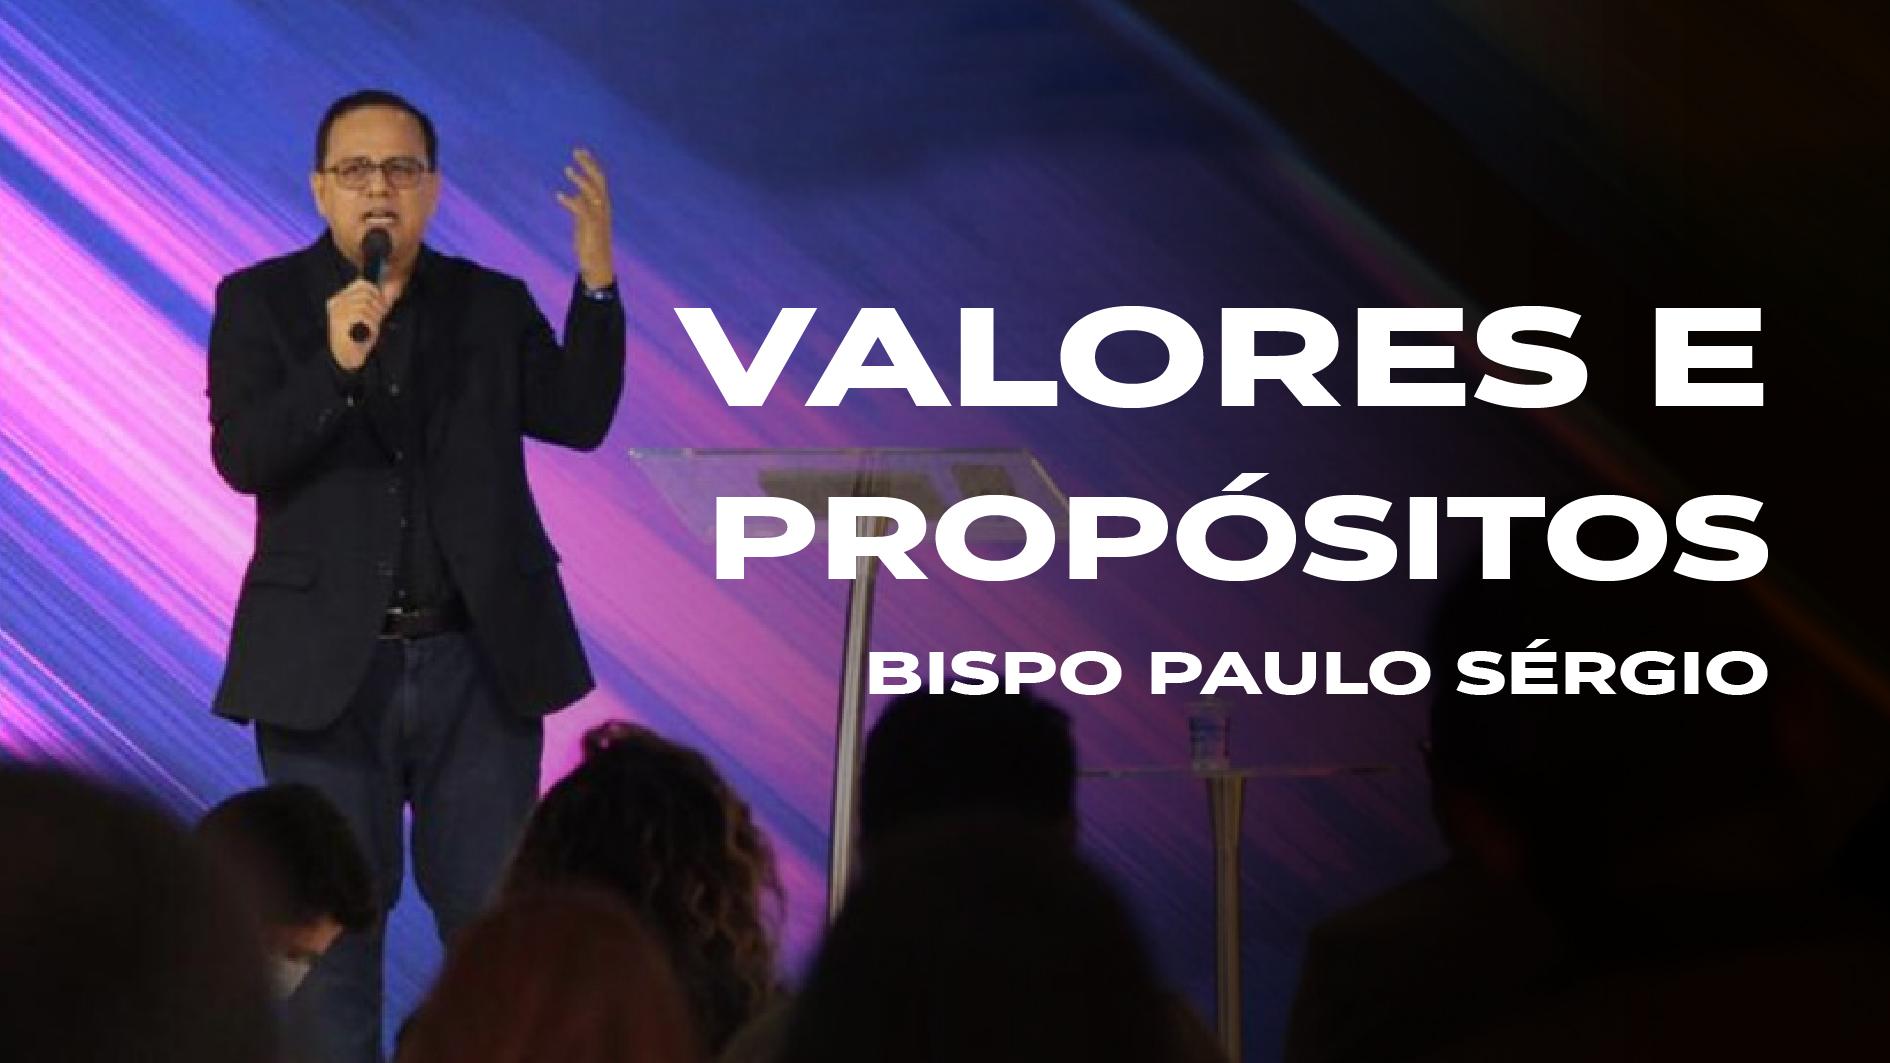 Valores e Propósitos